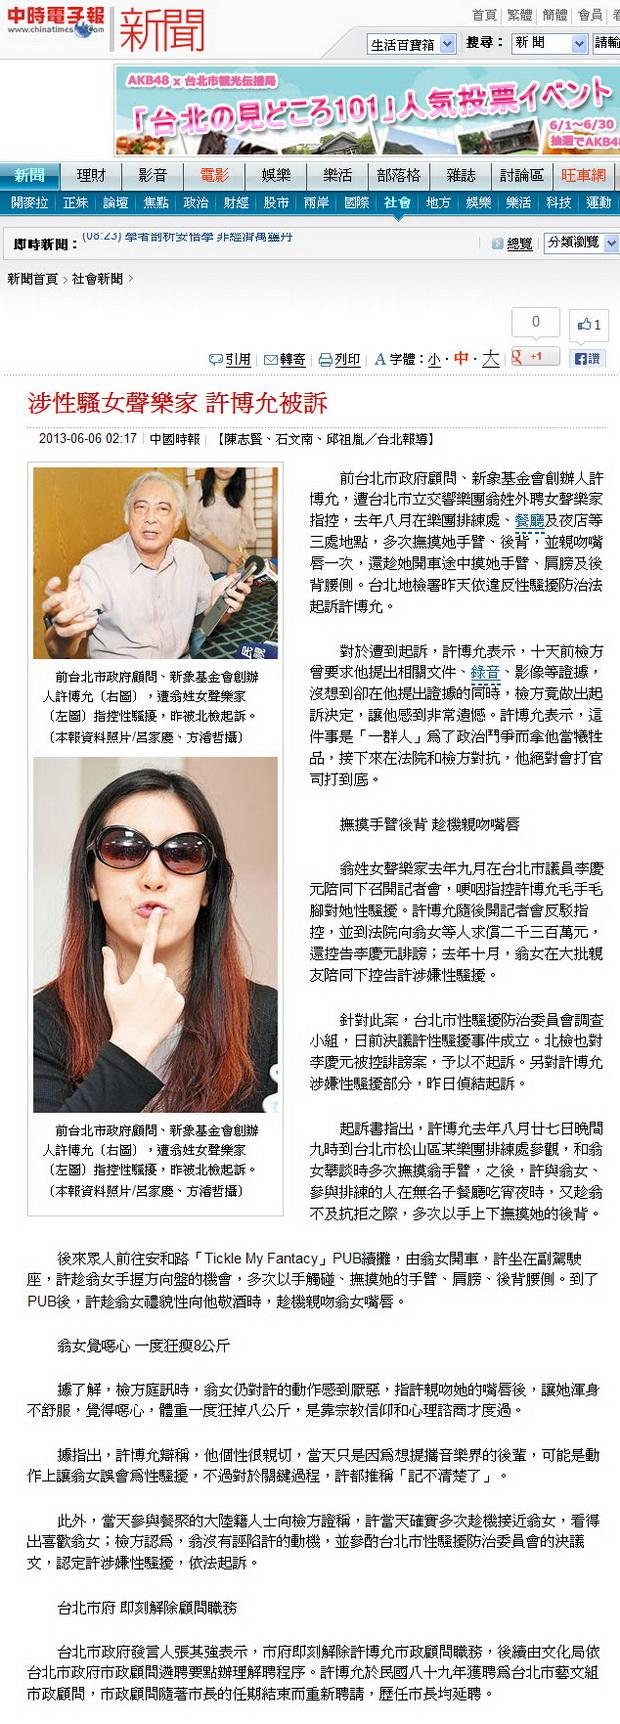 涉性騷女聲樂家 許博允被訴-2013.06.06